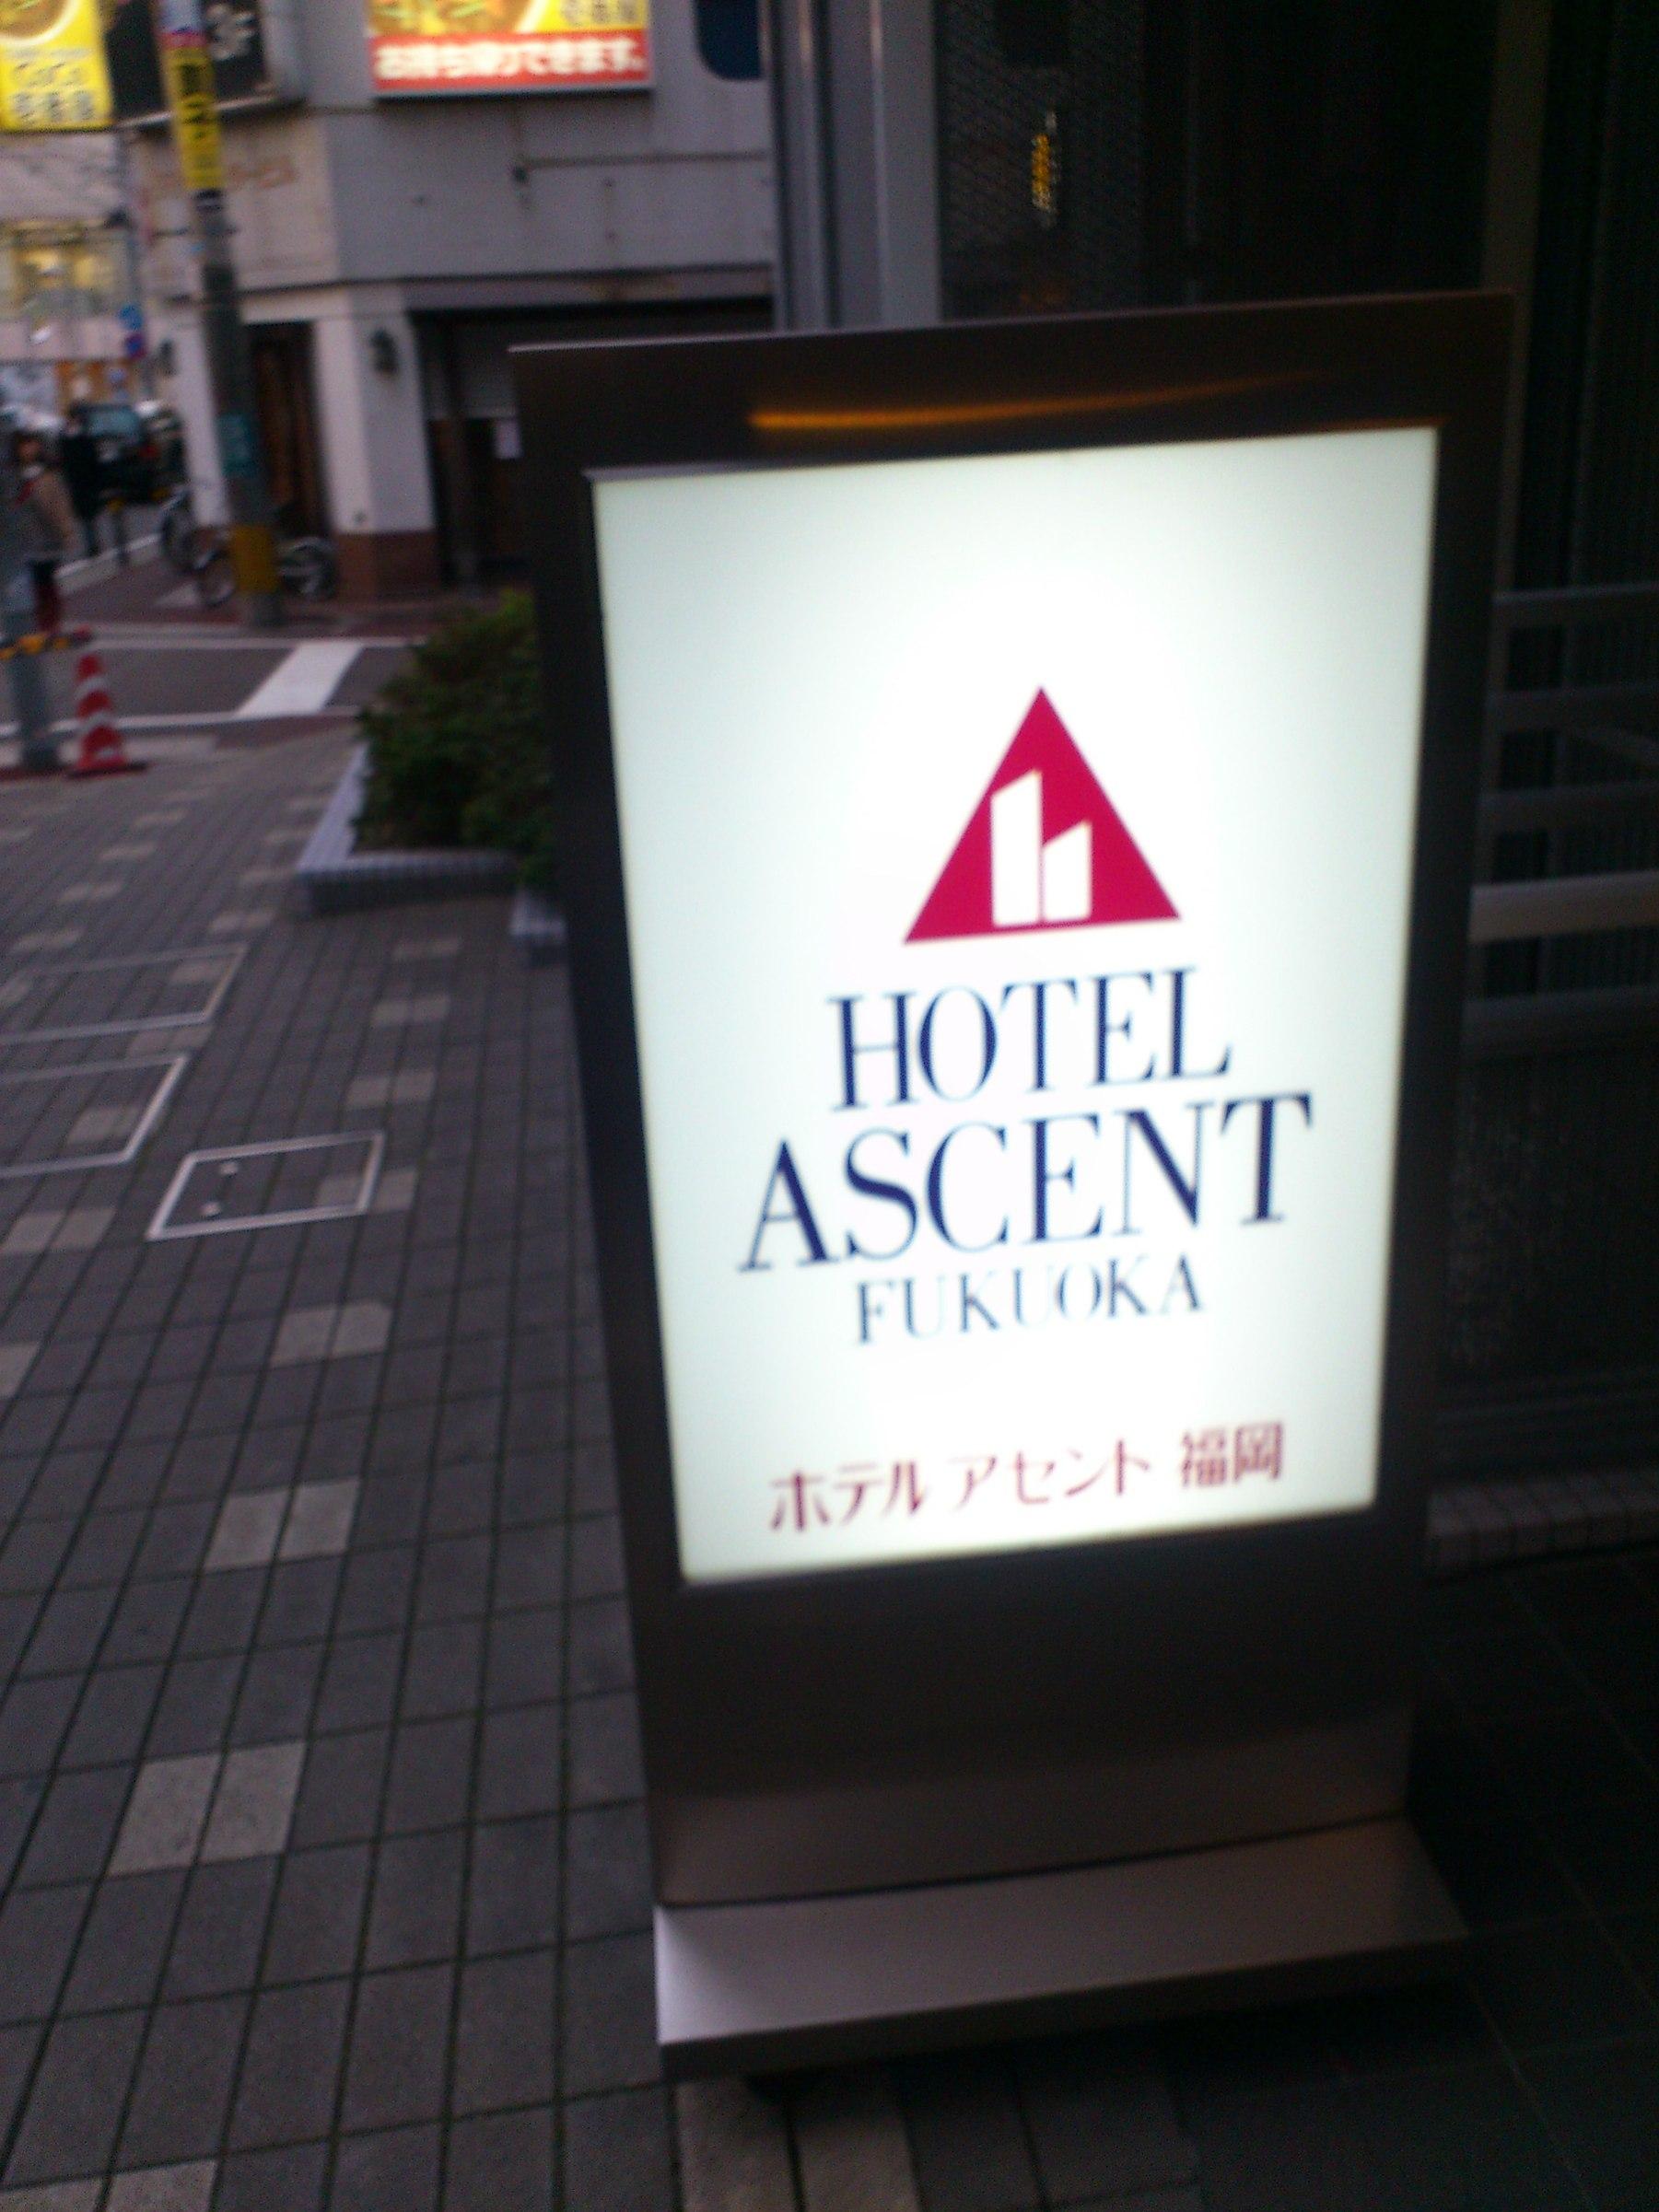 ホテルアセント 福岡